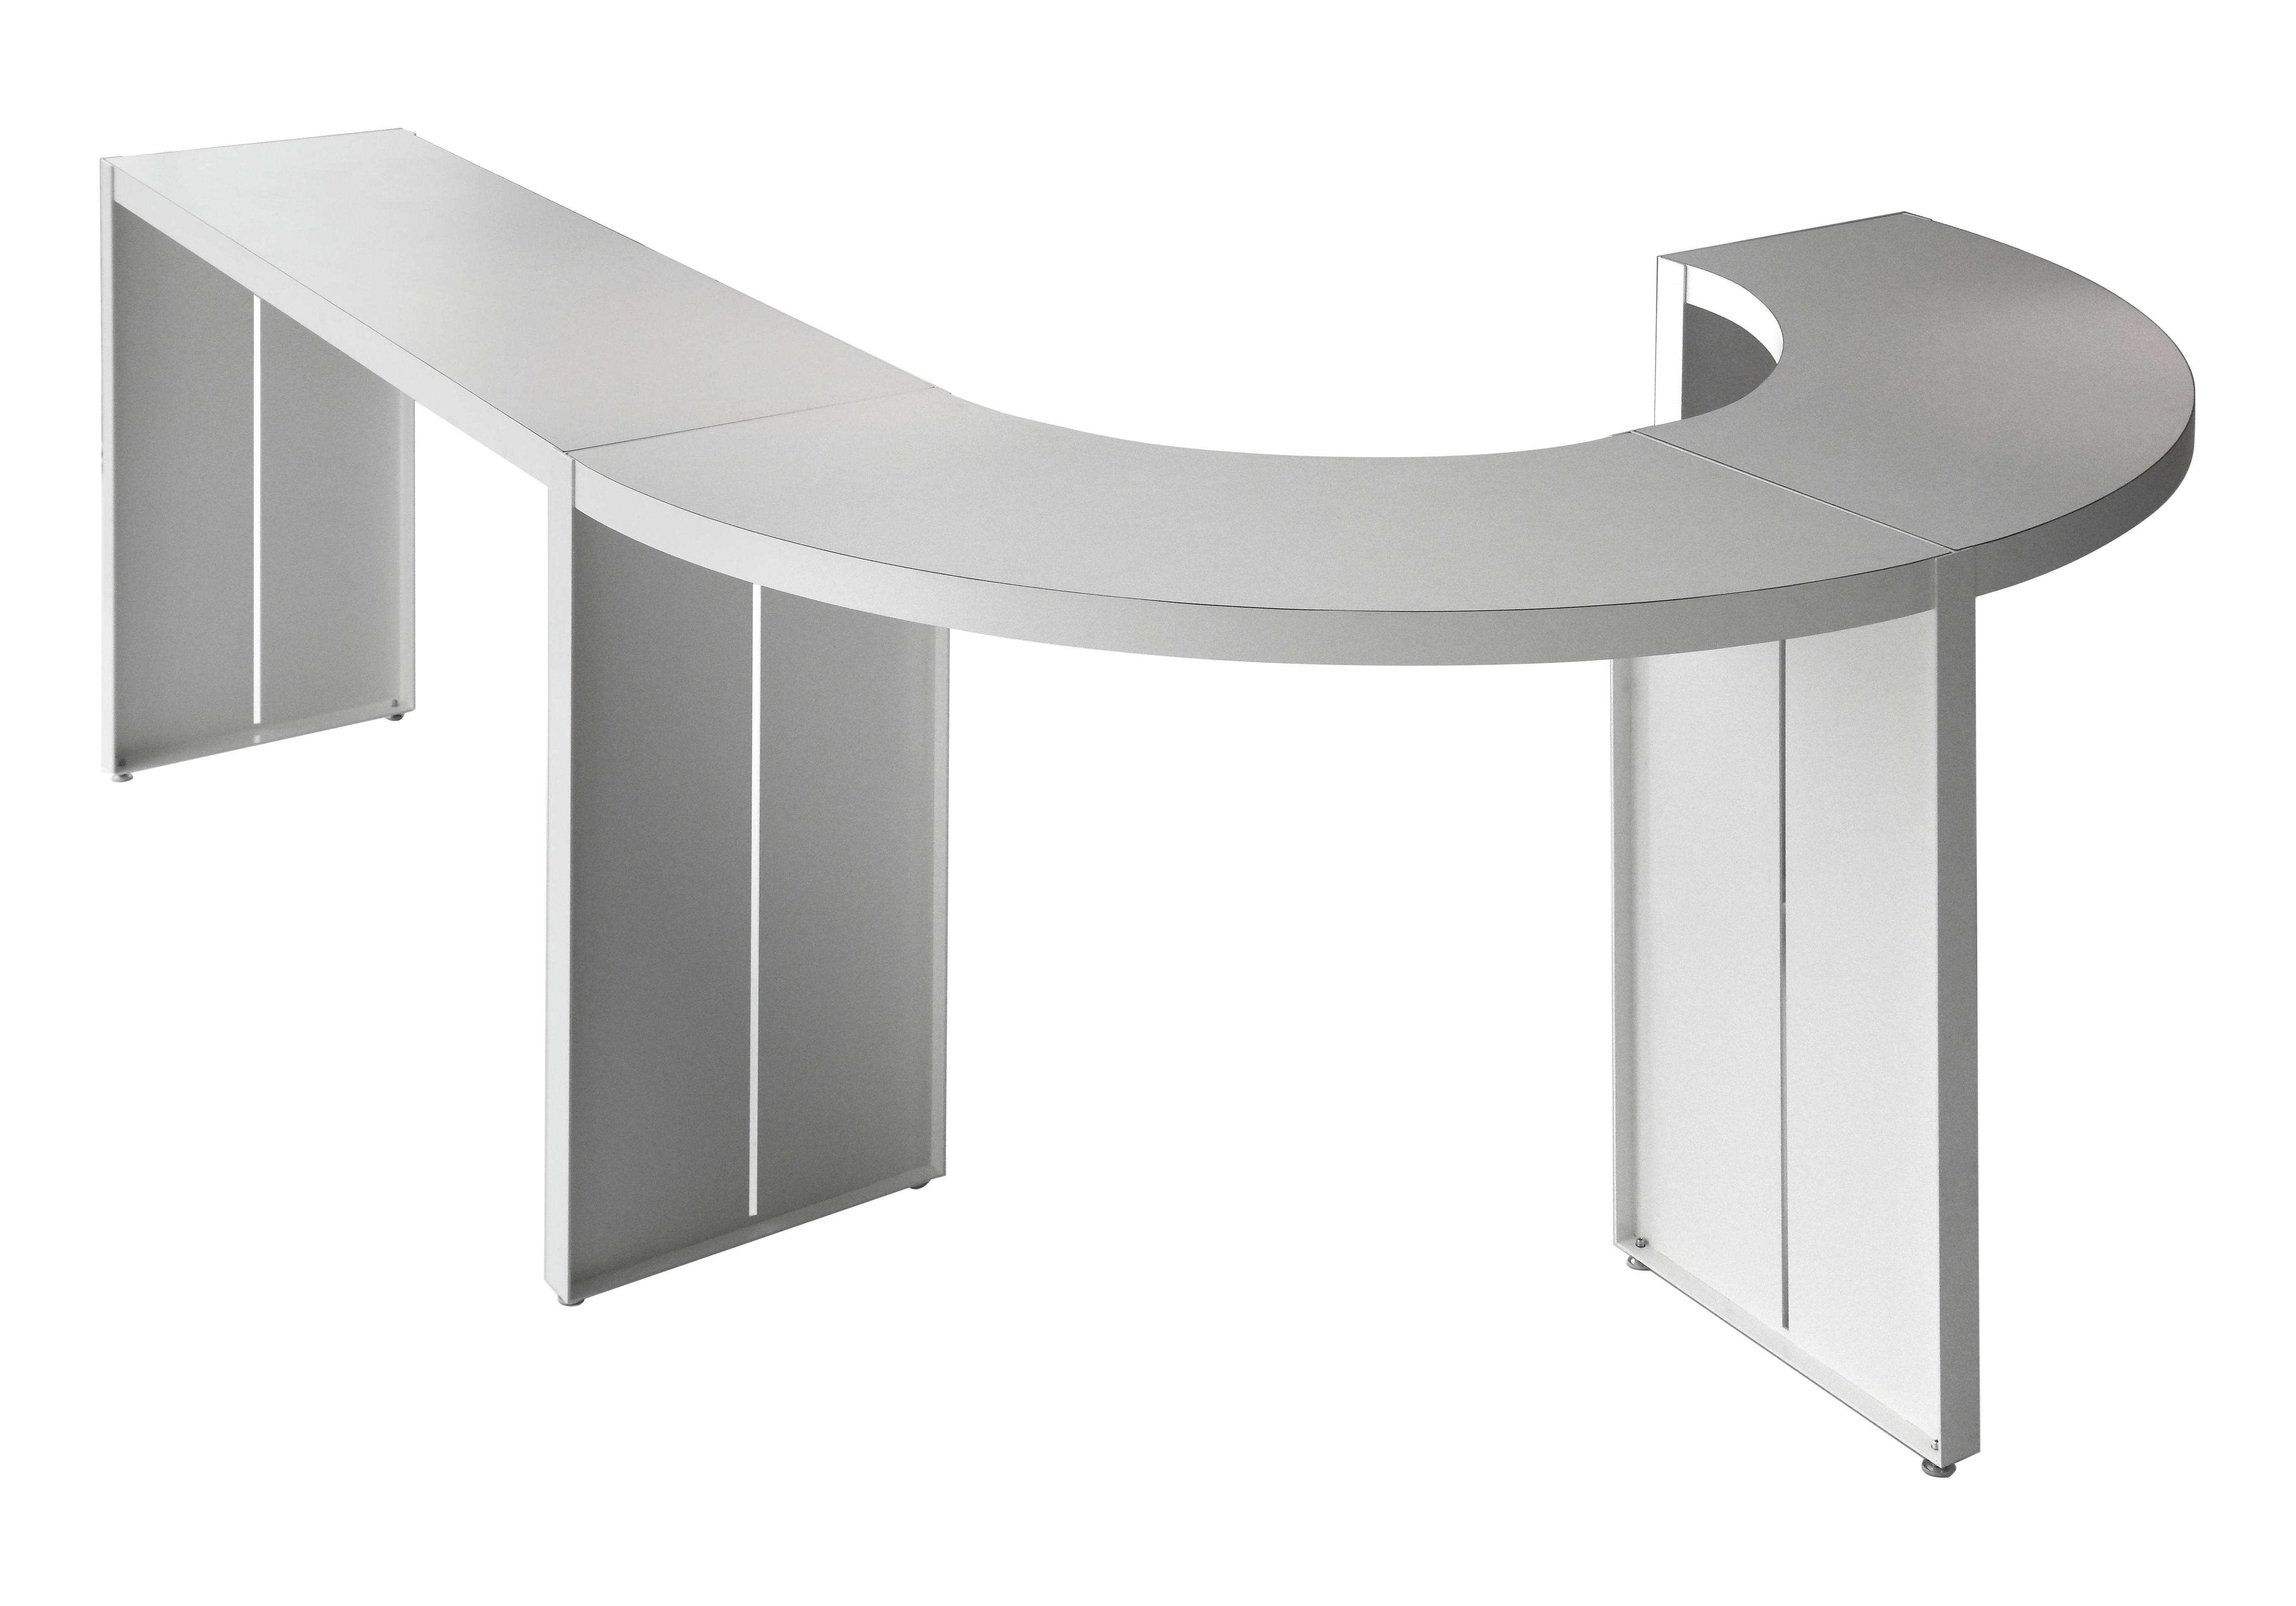 Mobilier - Mange-debout et bars - Table haute Panco / H 110 cm - L 290 cm - Lapalma - Blanc - Contreplaqué, Métal laqué